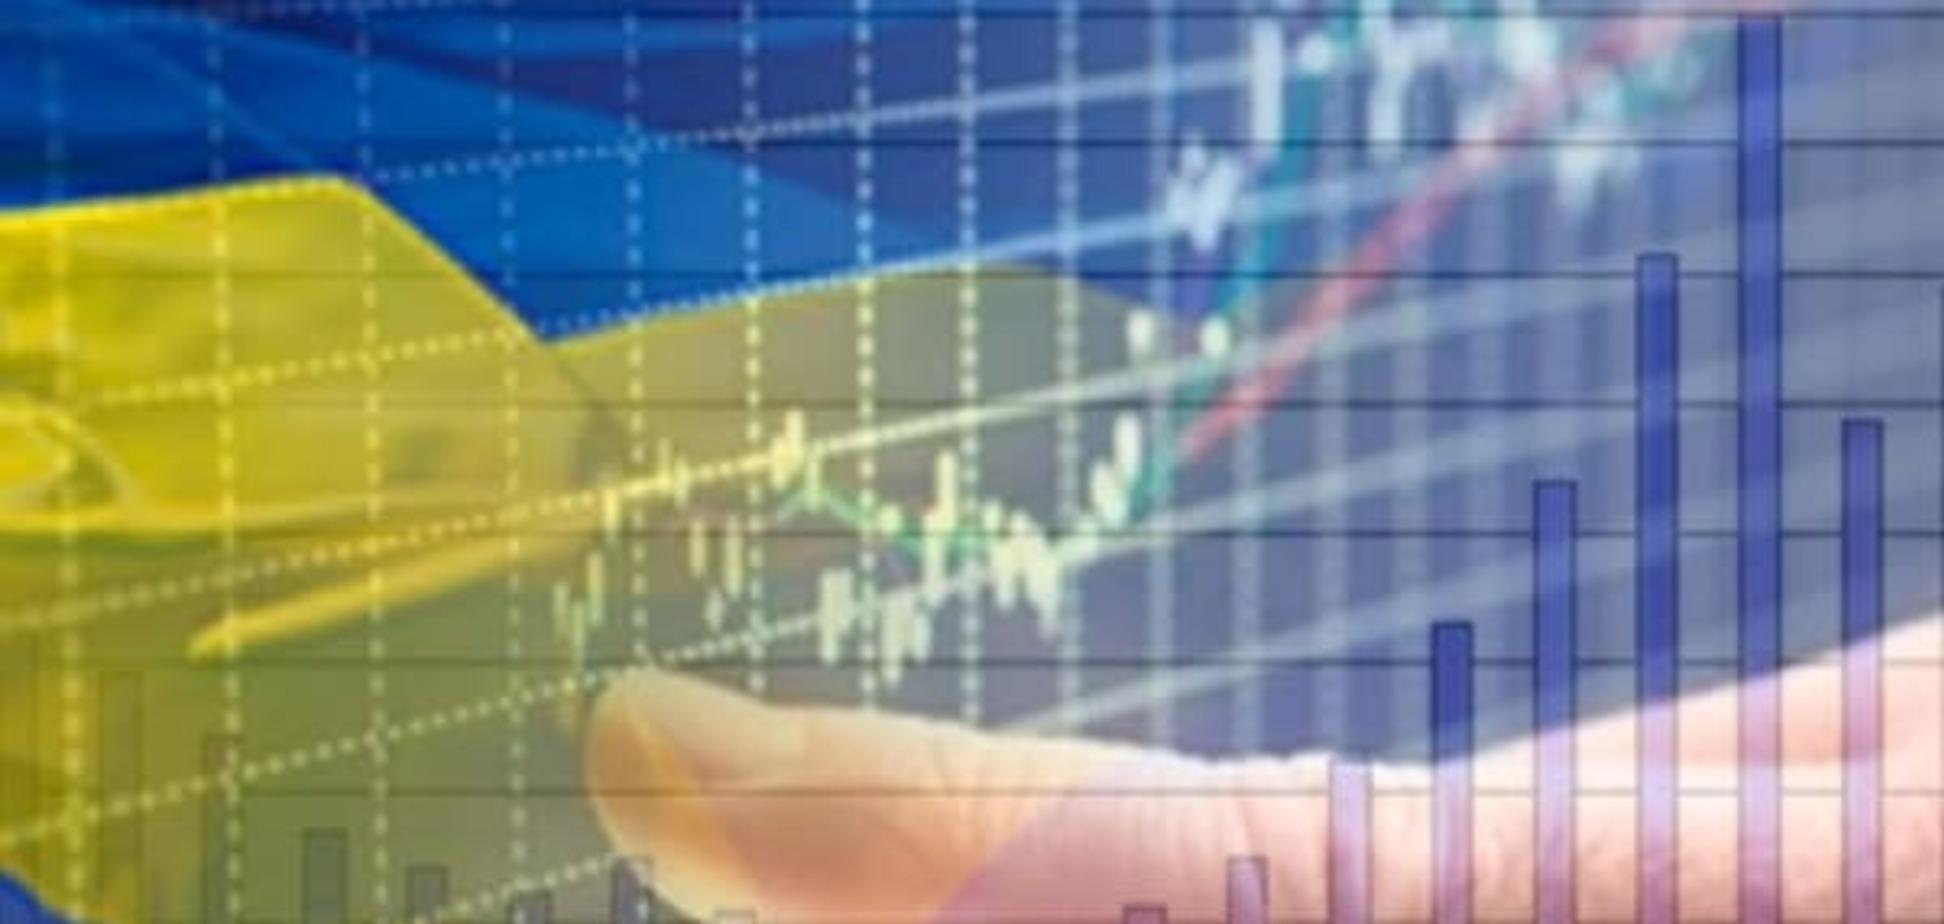 Рецессия позади: в Украине зафиксировали рост производства. Инфографика